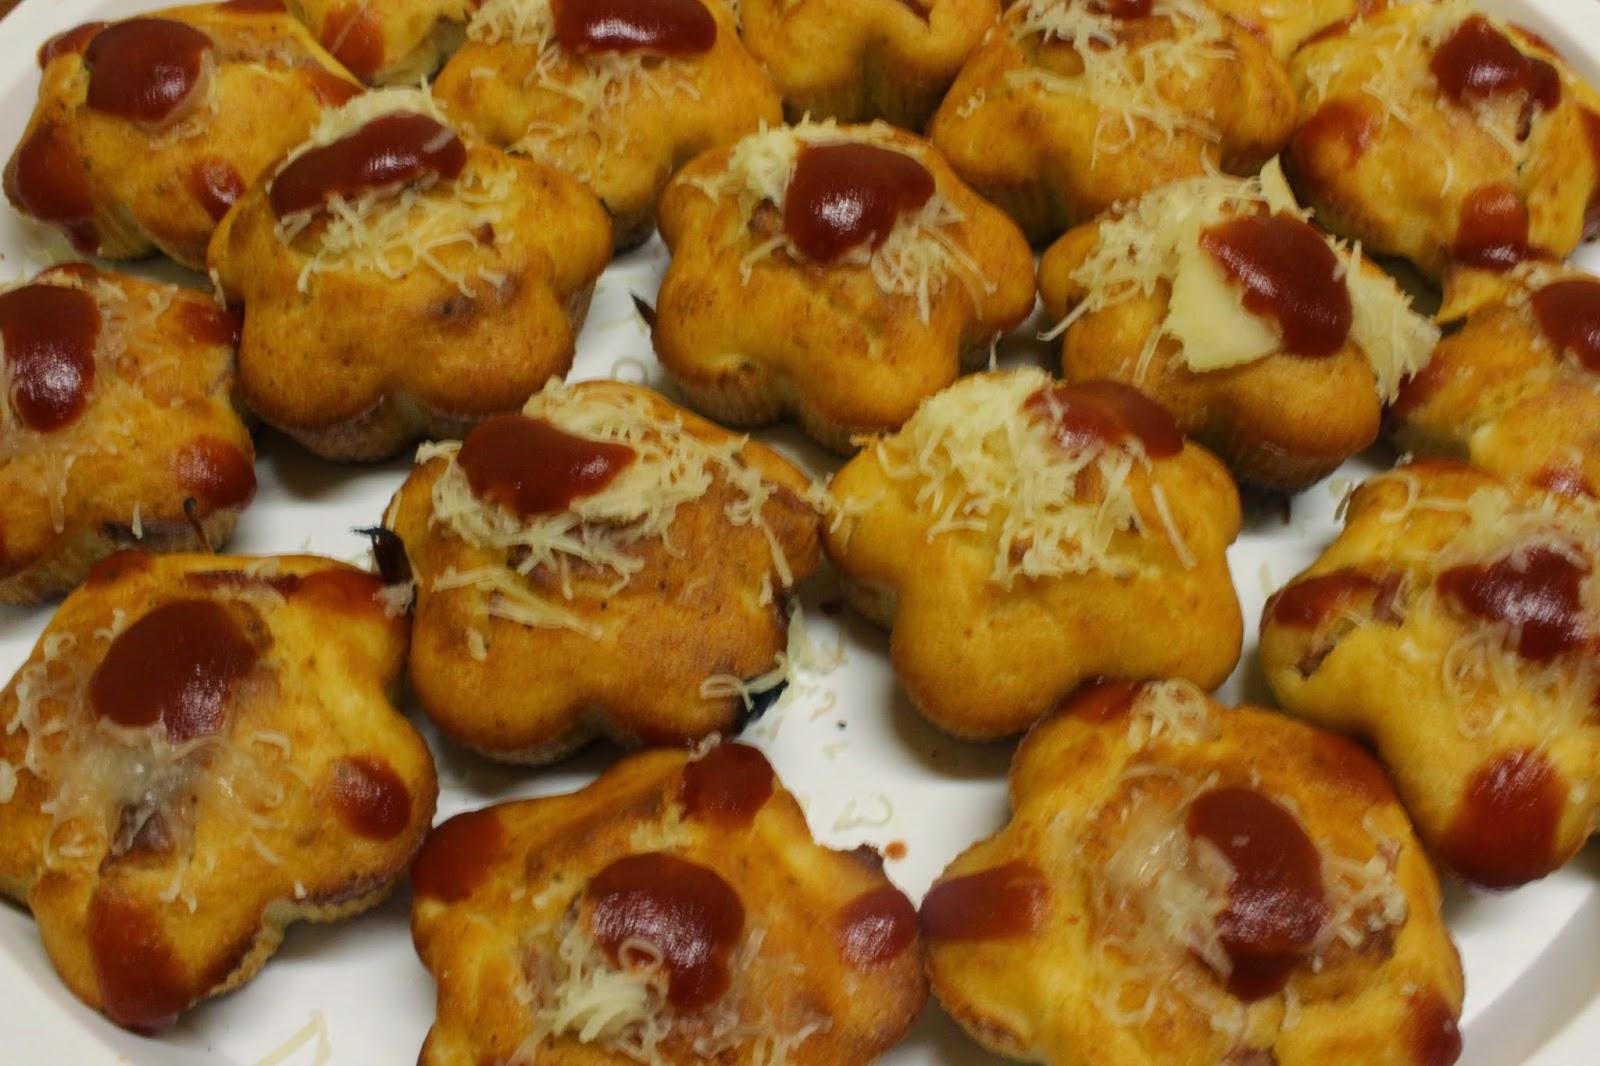 Maffini pizza projice